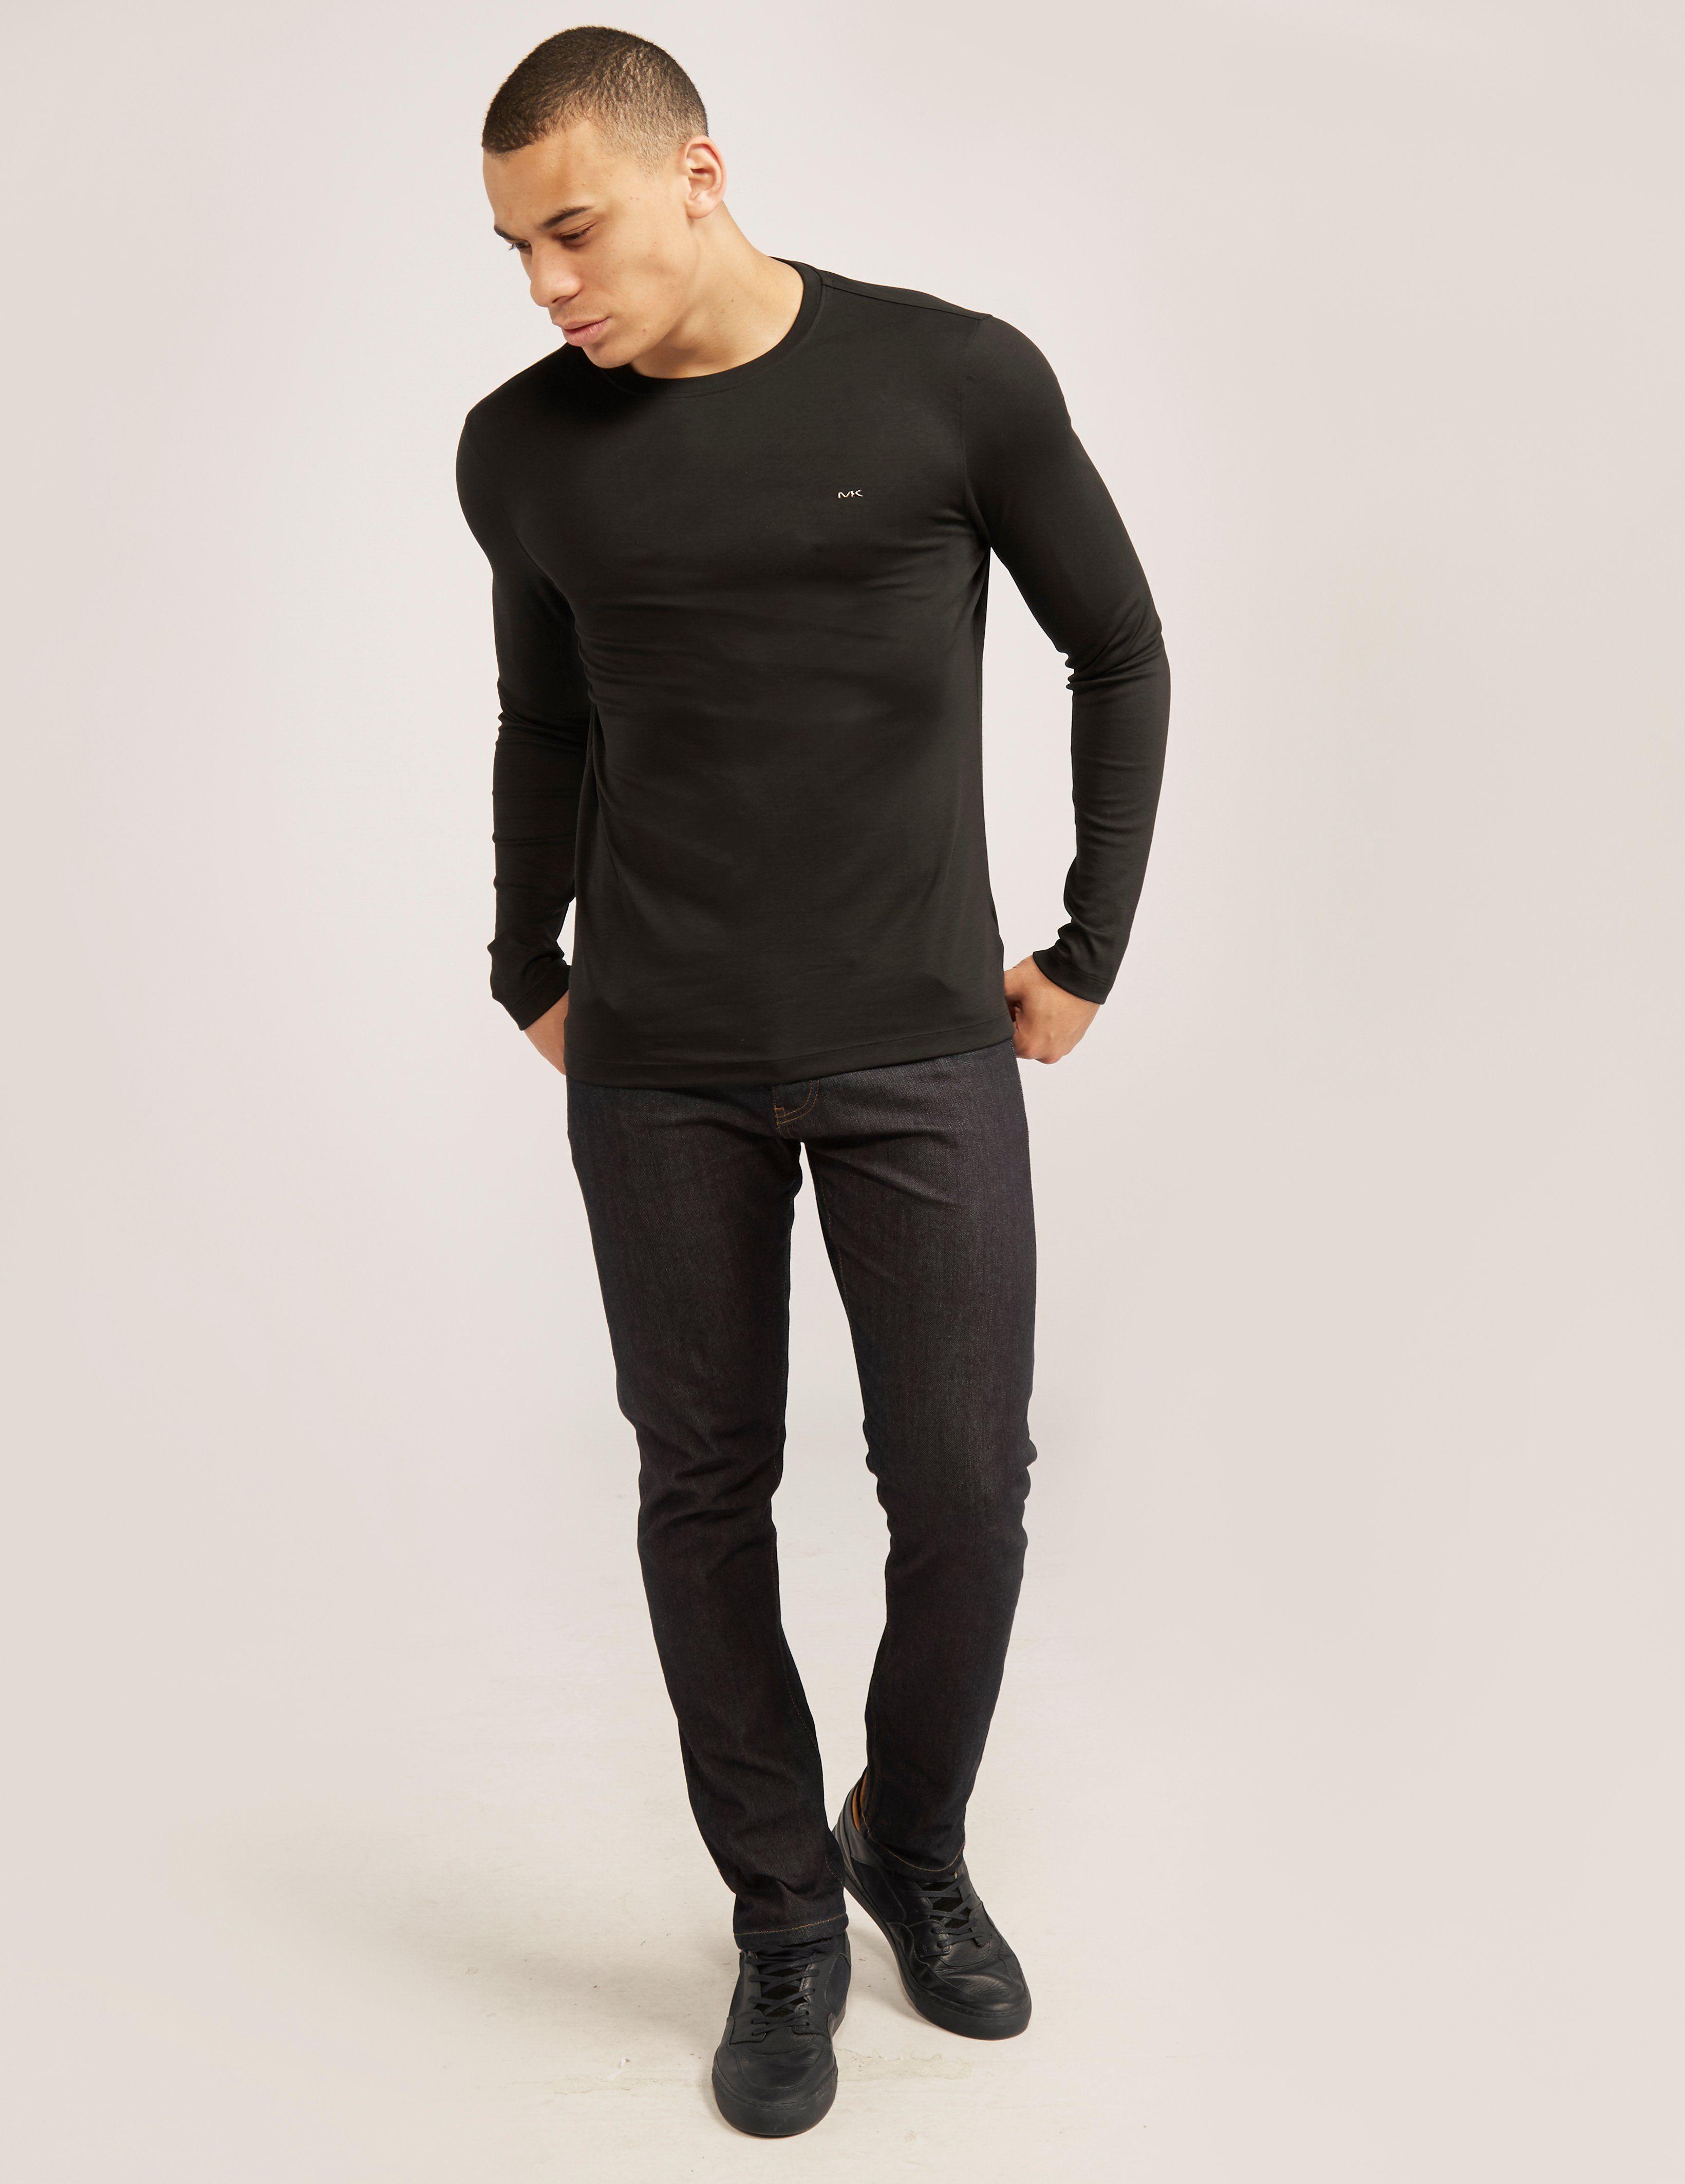 Michael Kors Sleeke Long Sleeve T-Shirt